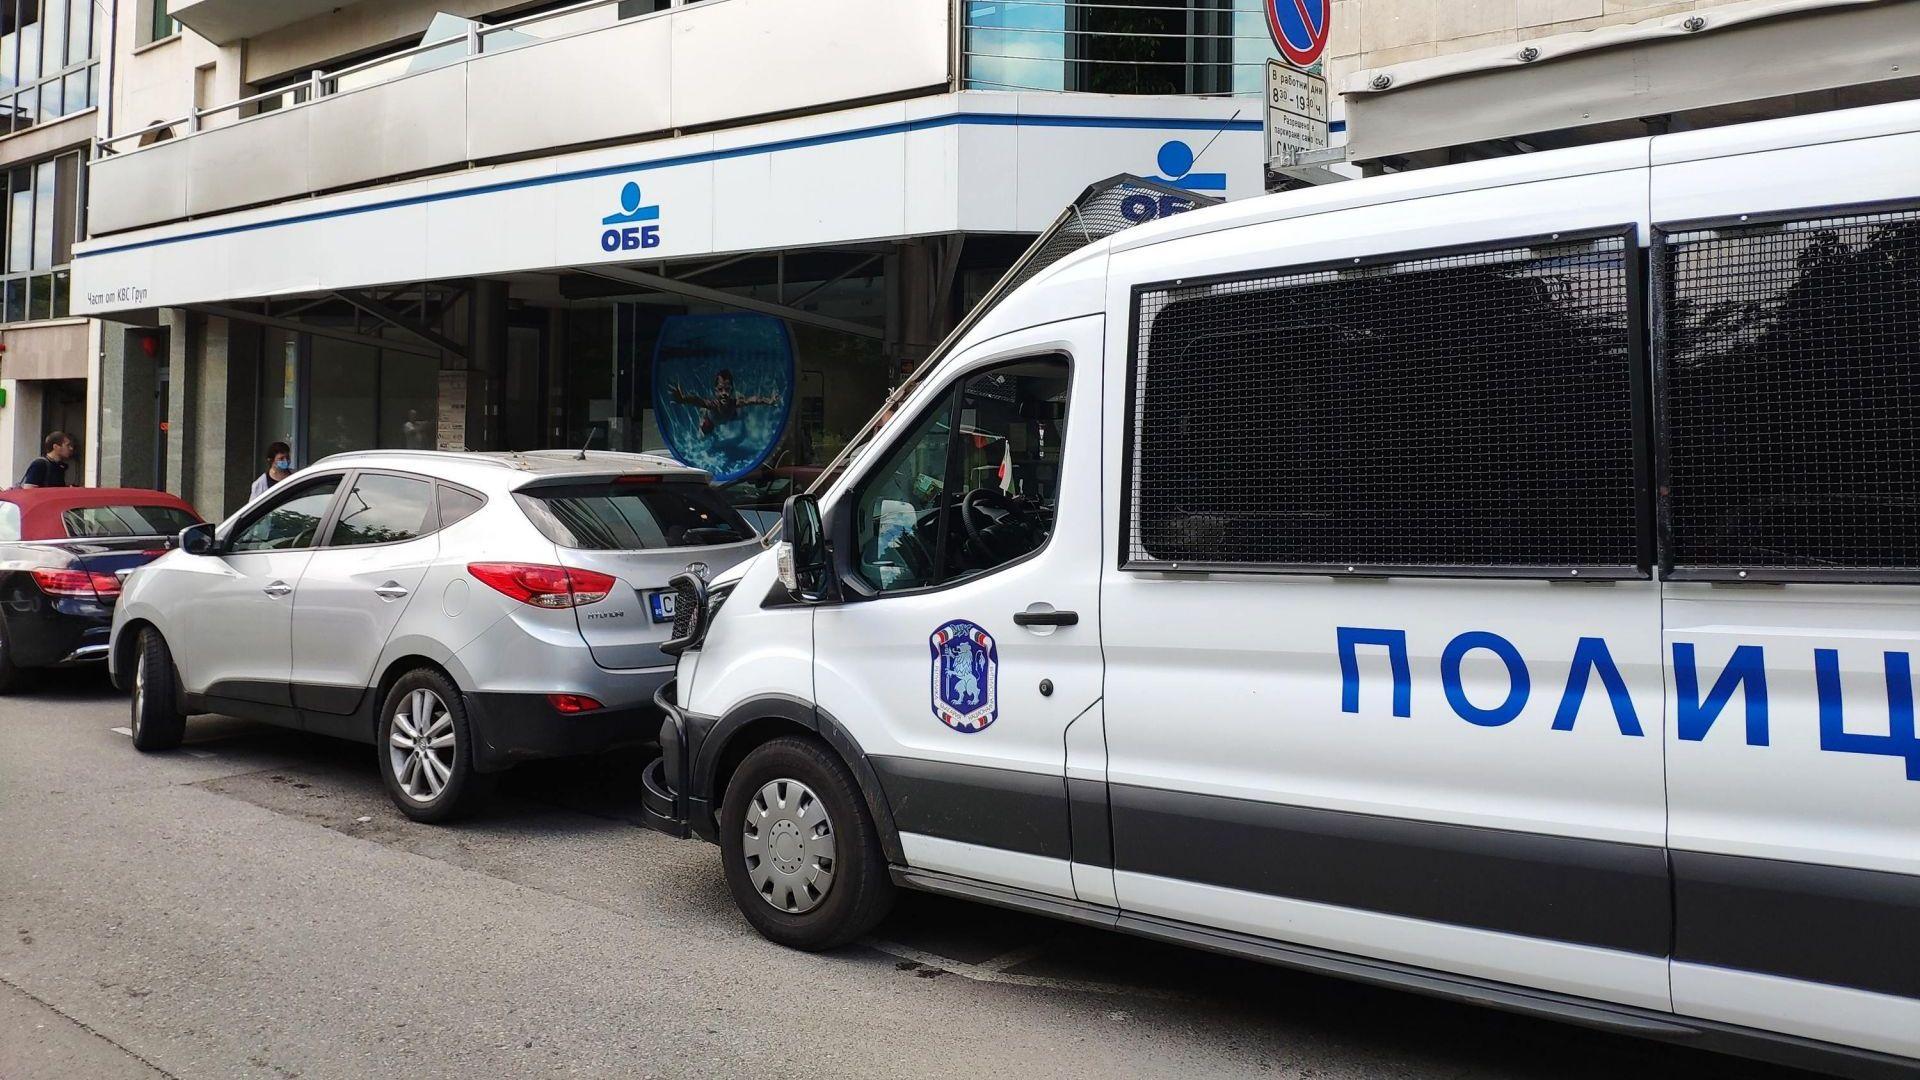 Прокурори извършват обиски в 3 града на офиси и жилища, свързани с Пламен Бобоков и брата на Пламен Узунов